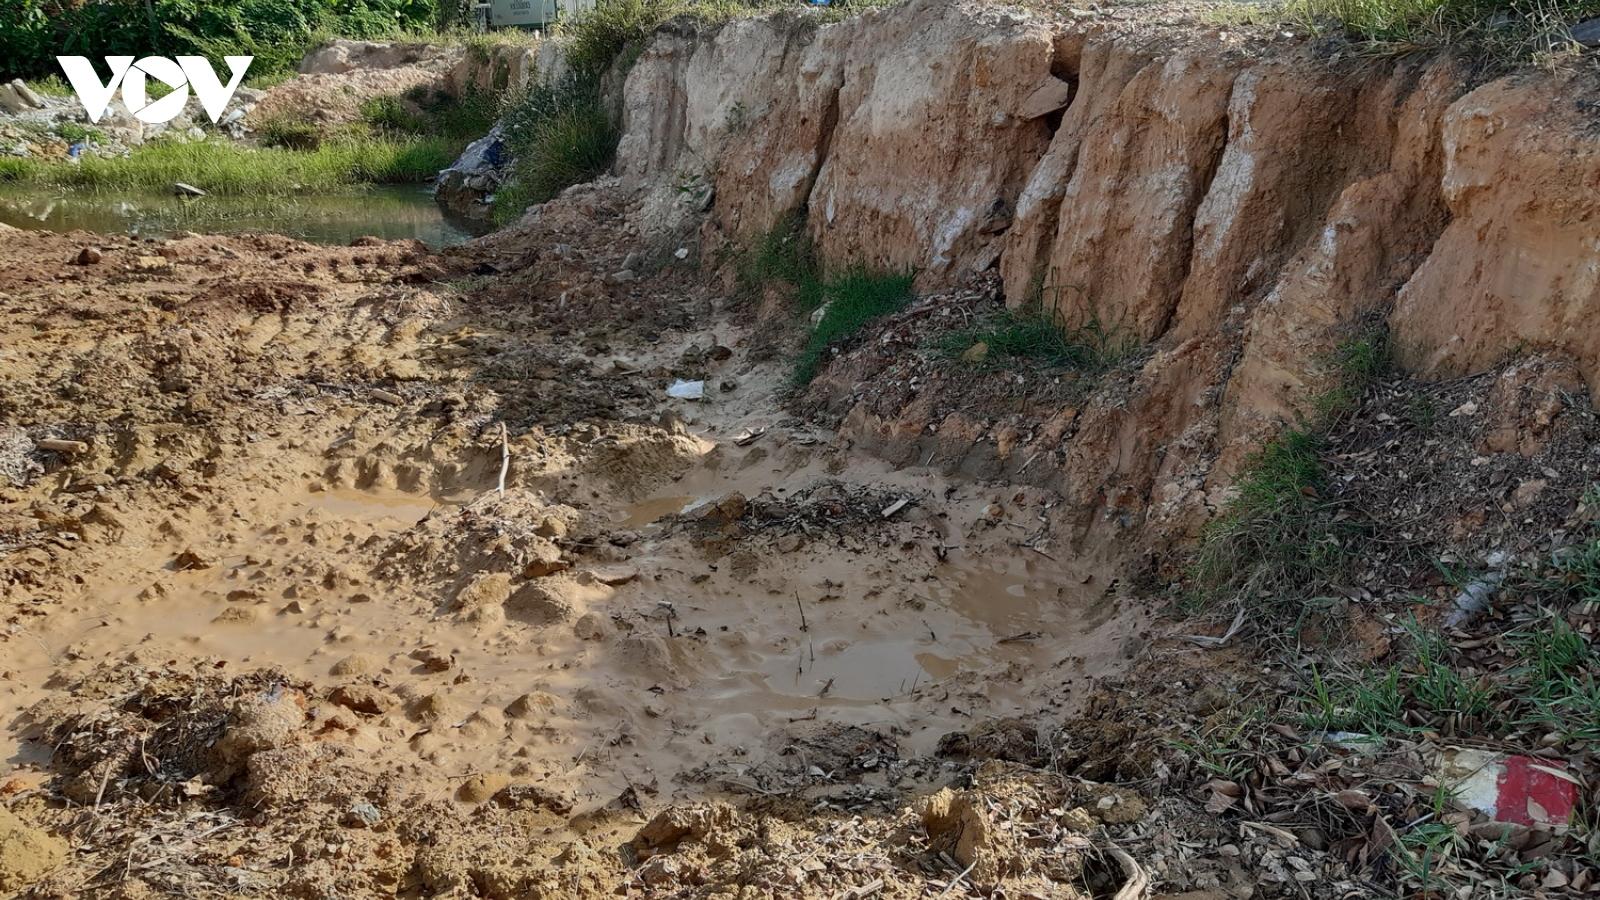 Lợi dụng dịch Covid-19 ở Đà Nẵng để  khai thác đất đá, khoáng sản trái phép